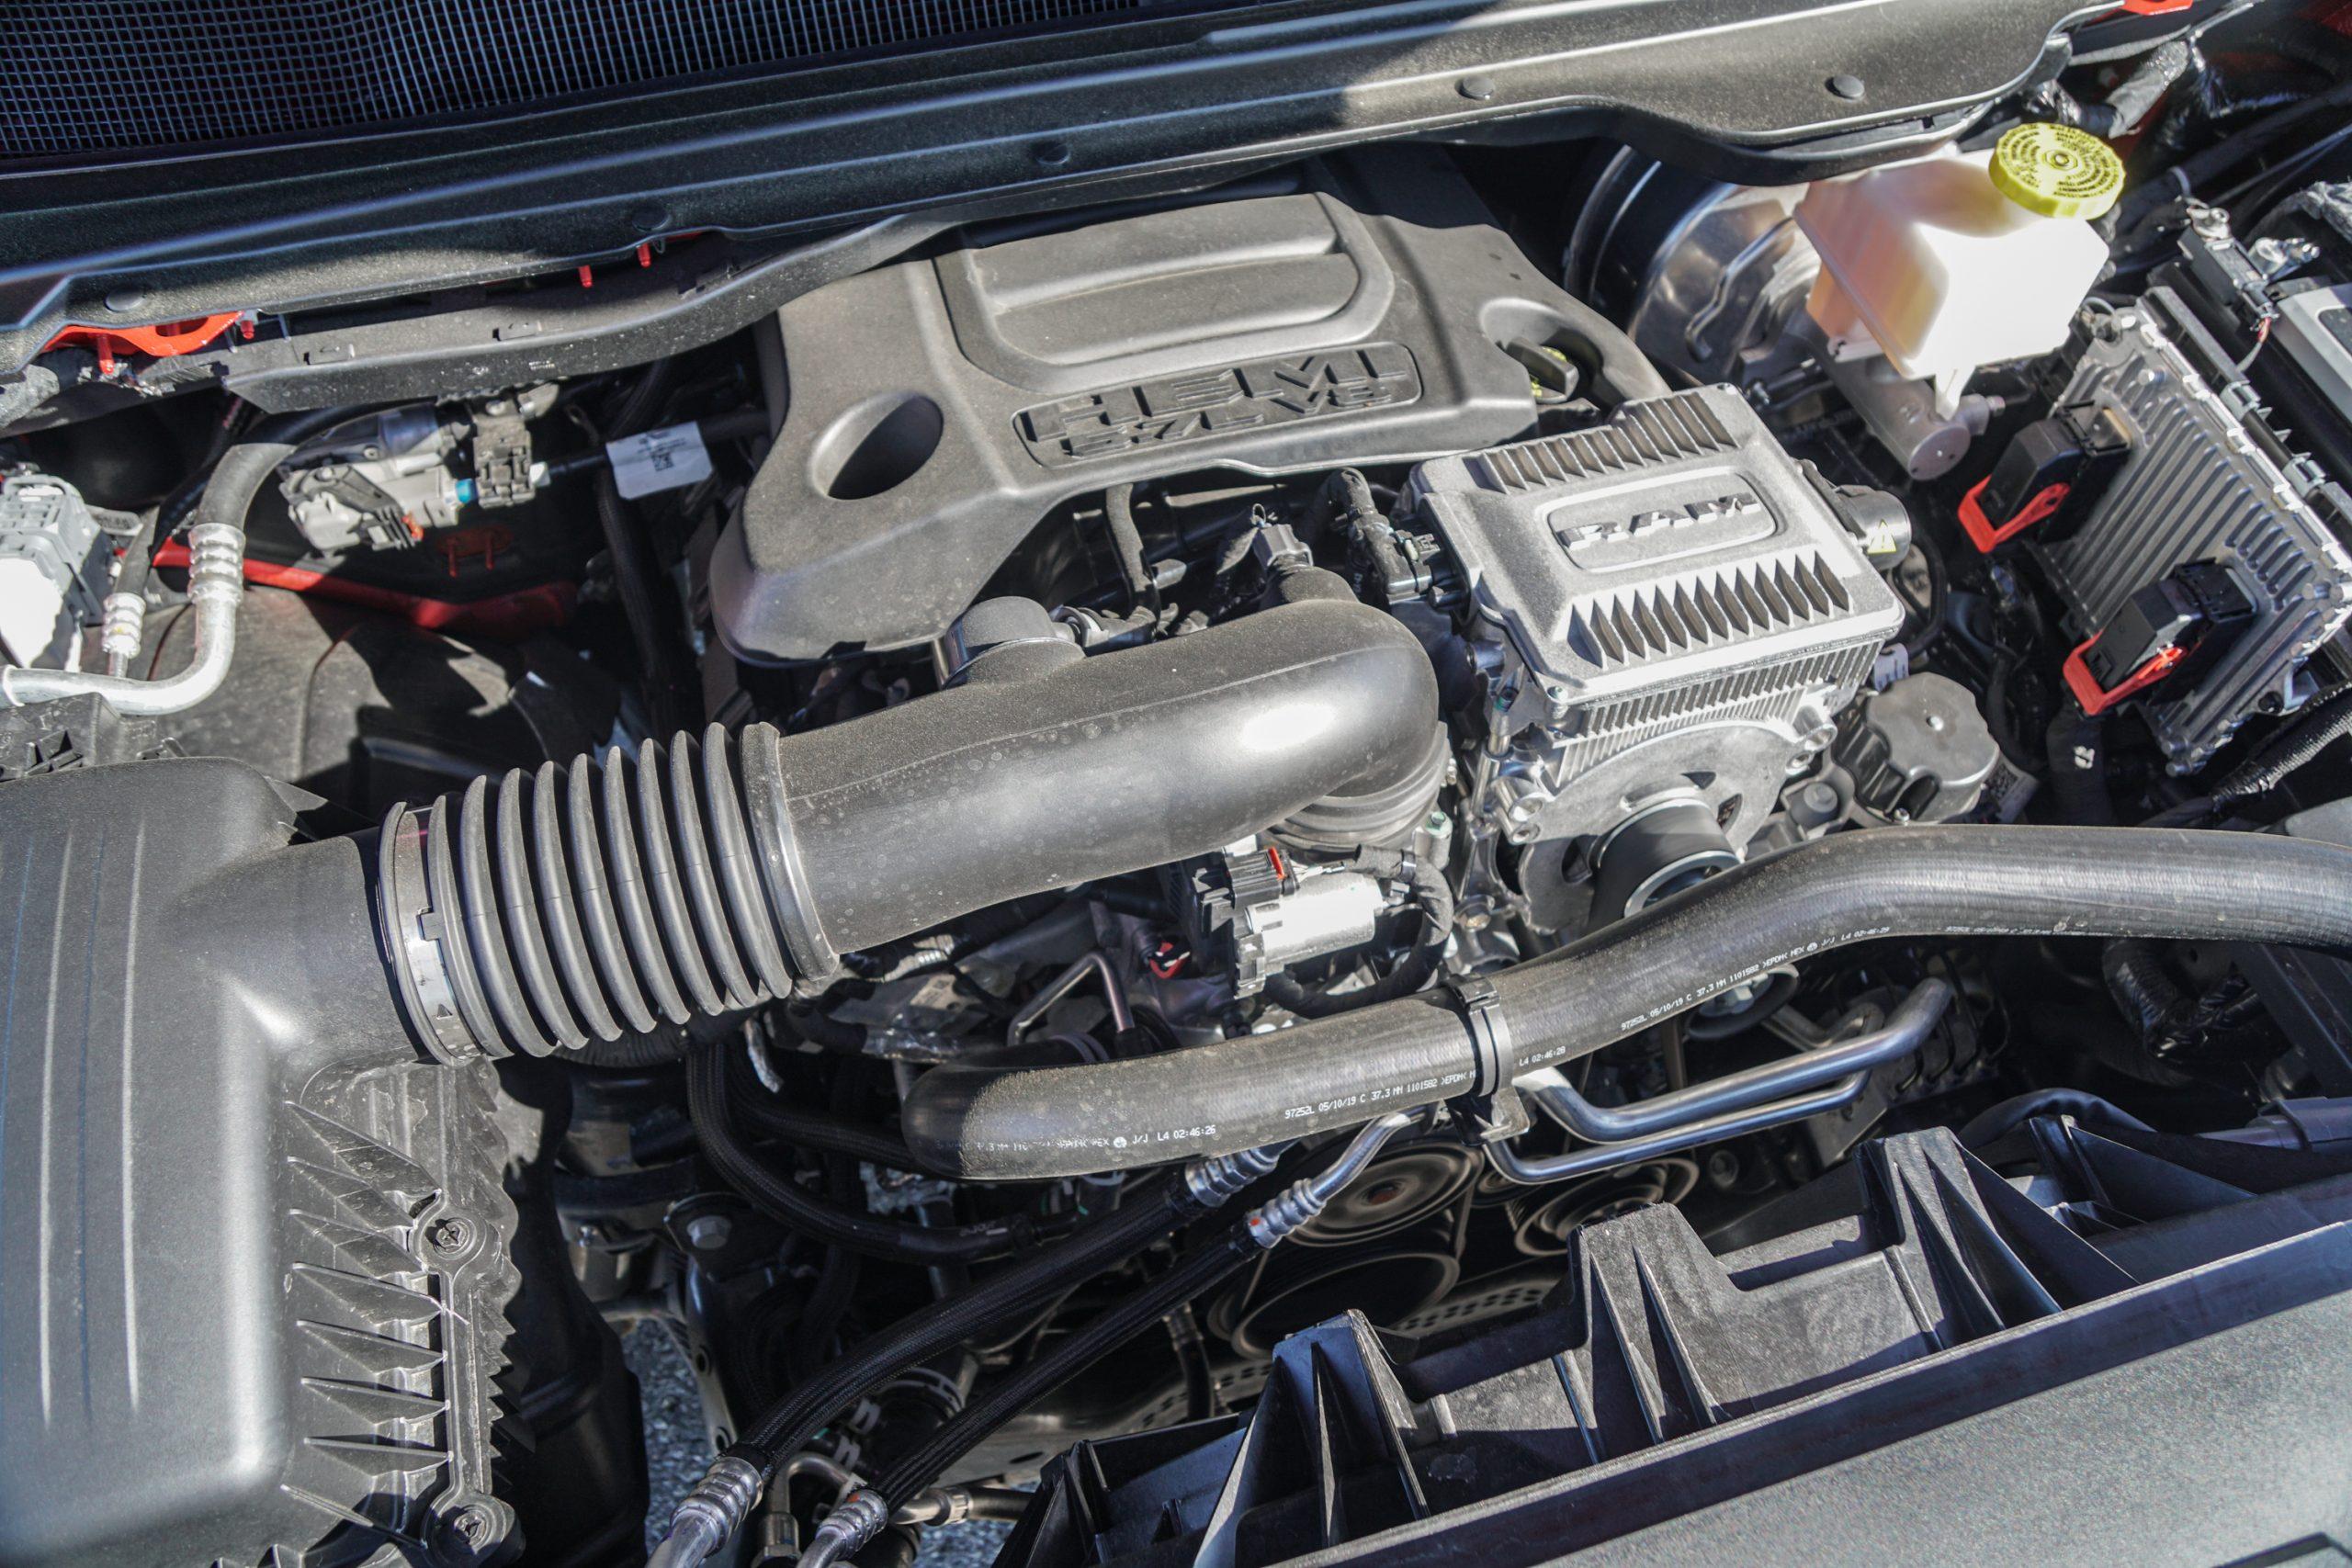 2020 Ram 1500 Laramie 5.7 Liter V-8 eTorque